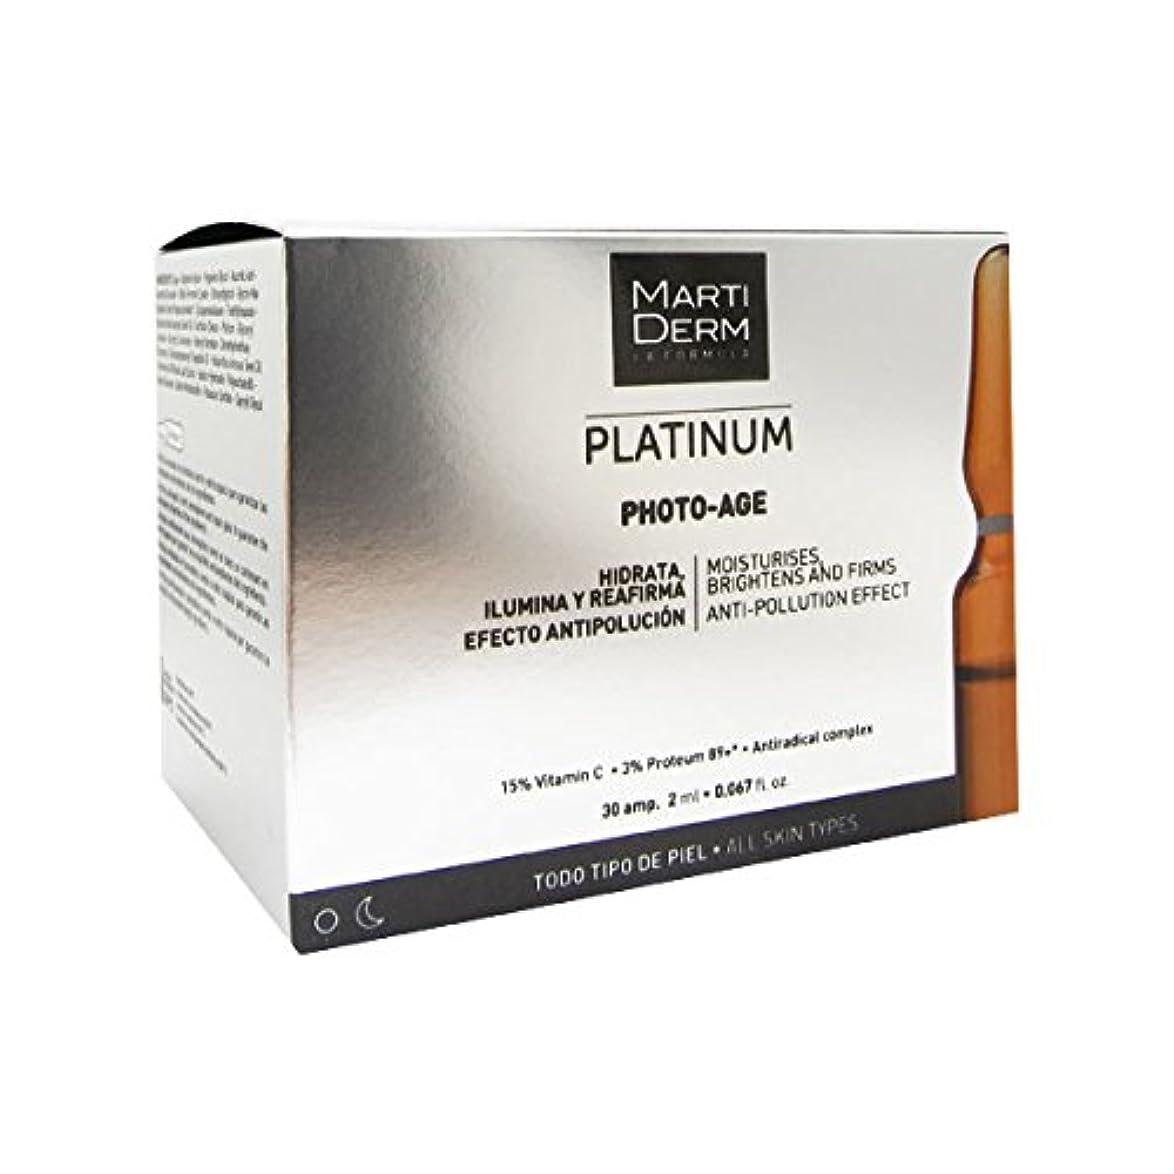 火星肘掛け椅子性的Martiderm Platinum Photo-age 30ampx2ml [並行輸入品]